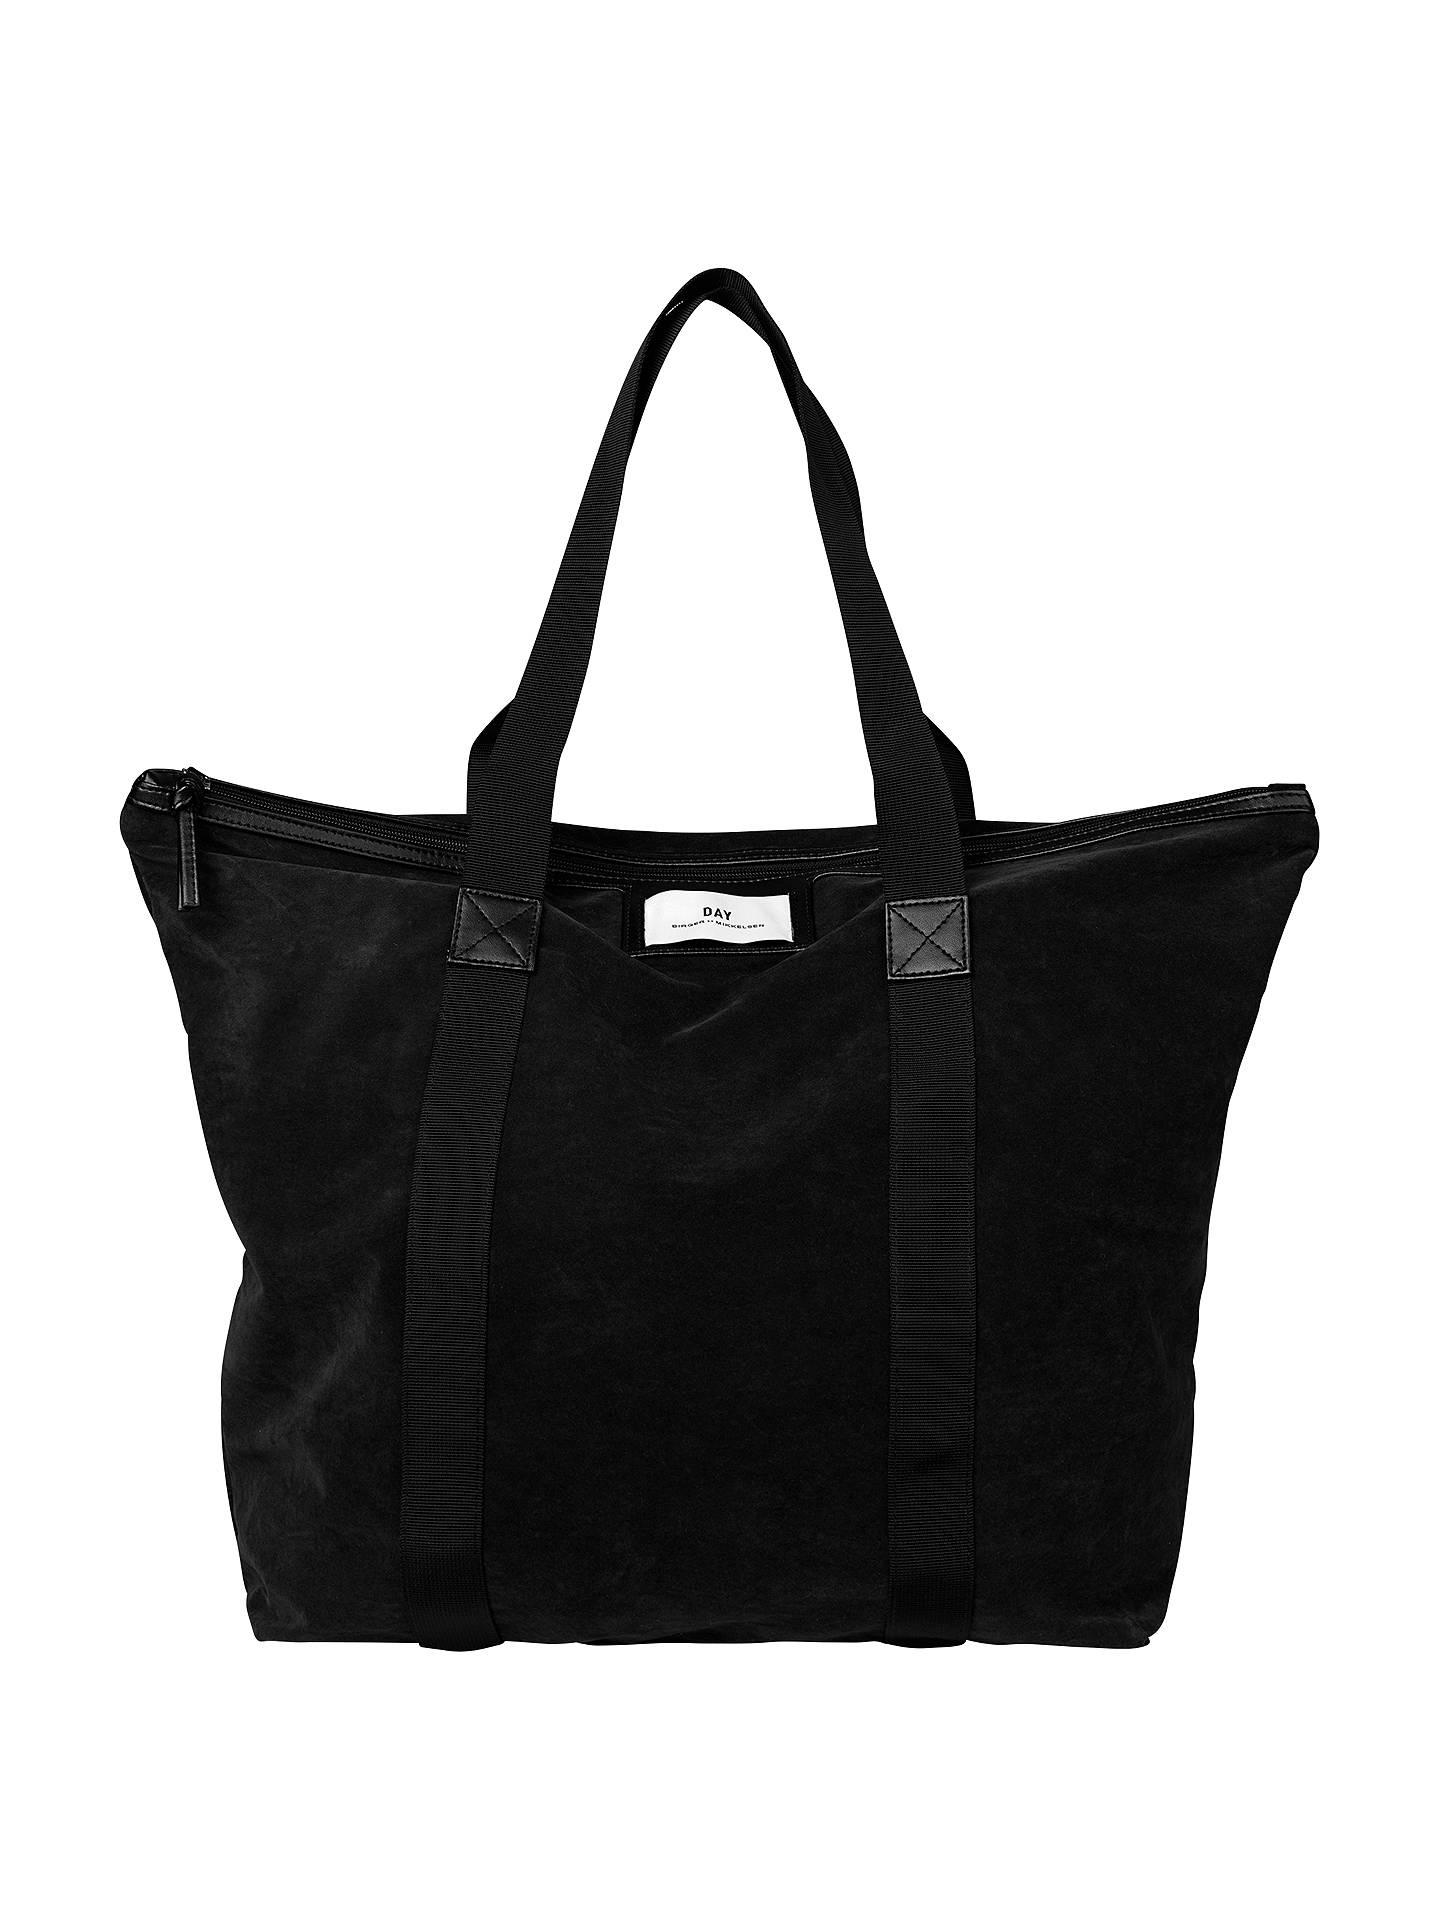 cb73e383466e Buy Et DAY Birger et Mikkelsen Gweneth Velvet Tote Bag, Black Online at  johnlewis.